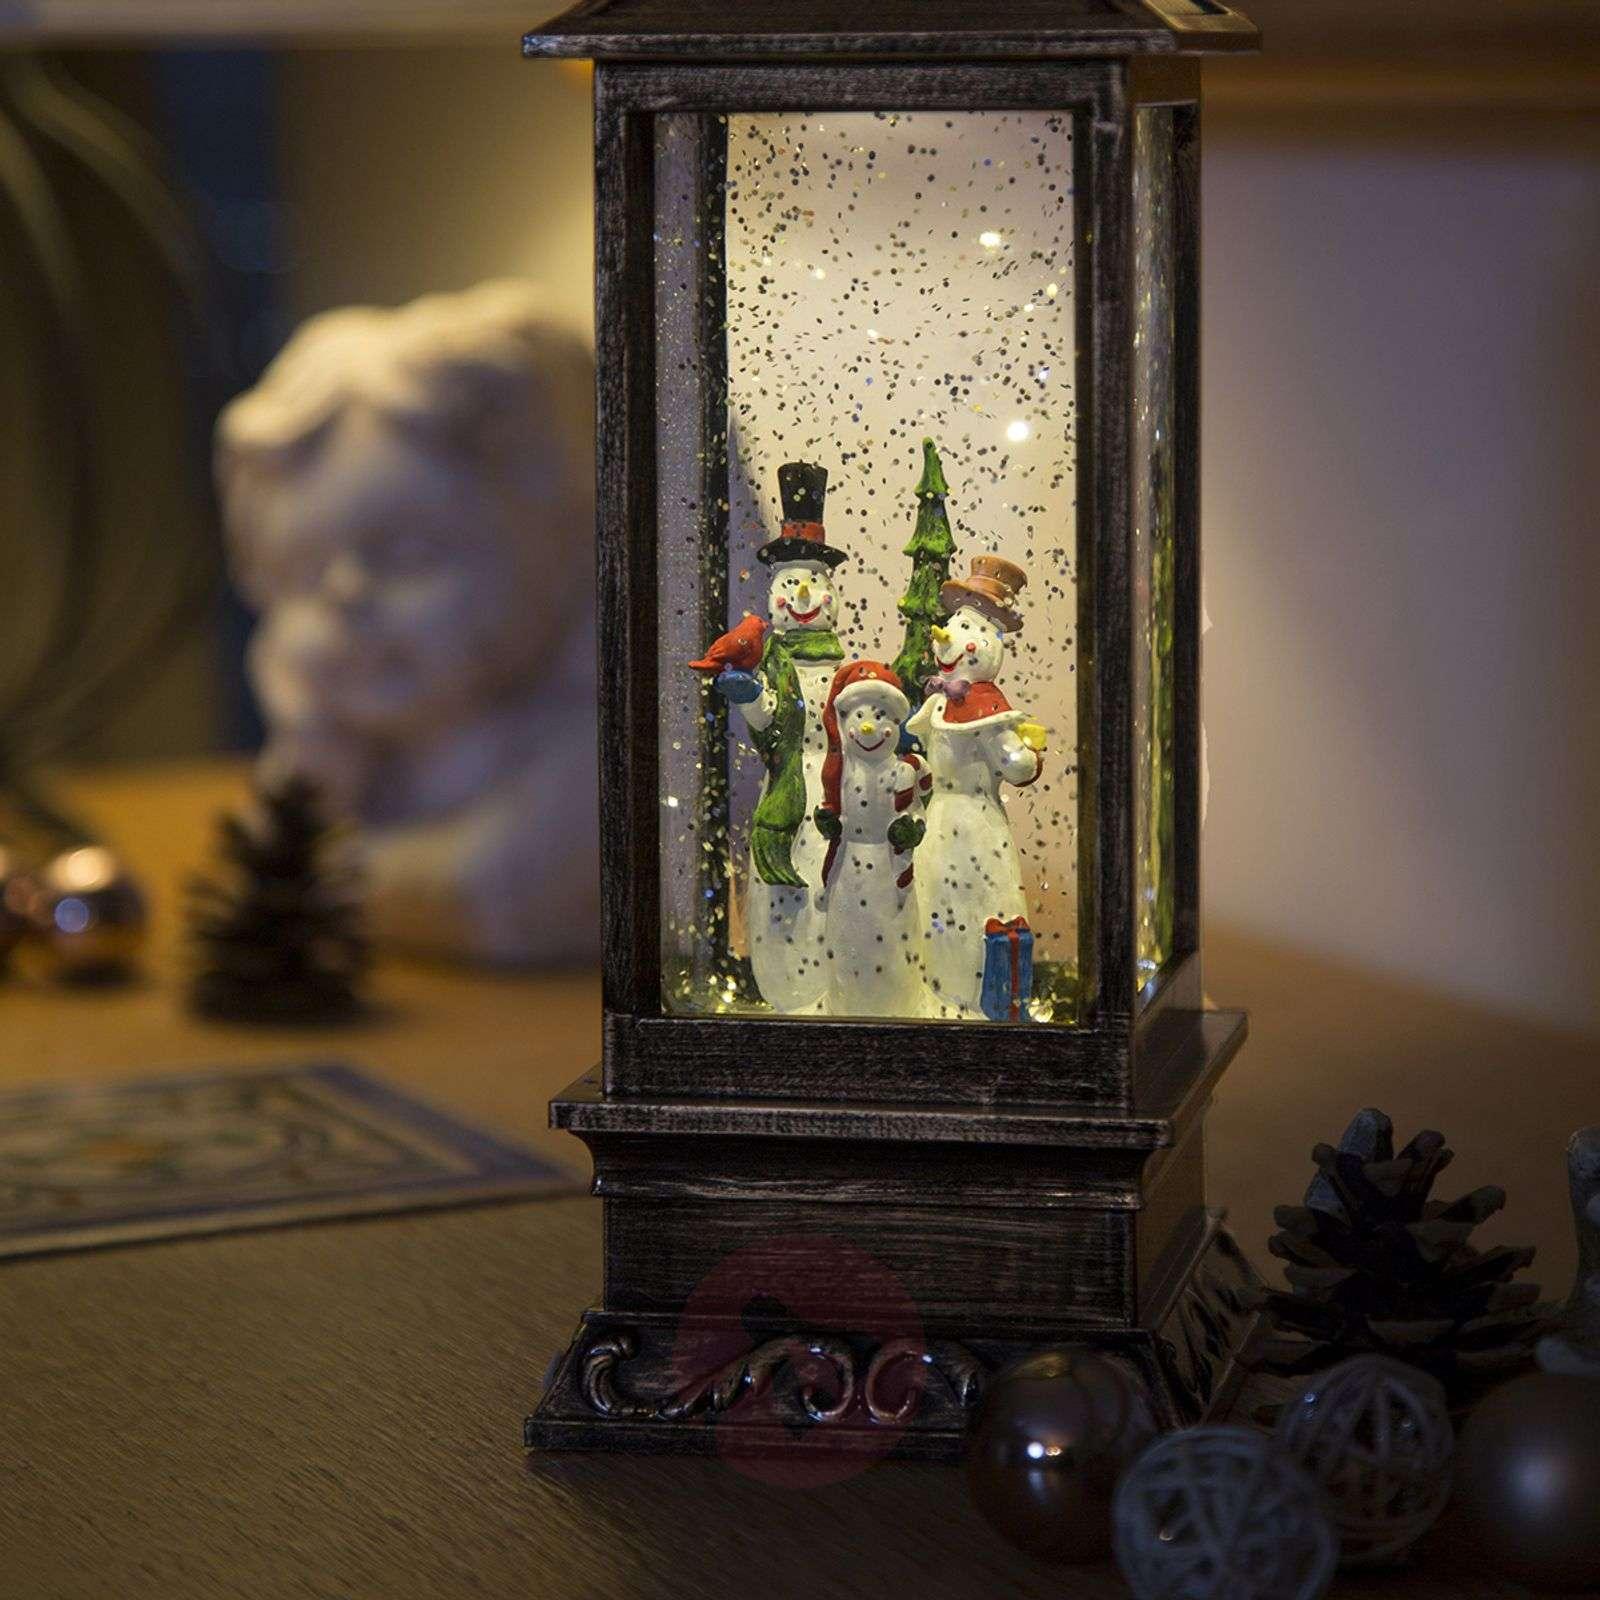 Lumiukkolyhty LED vesitäyttö paristokäyttöinen-5524572-01